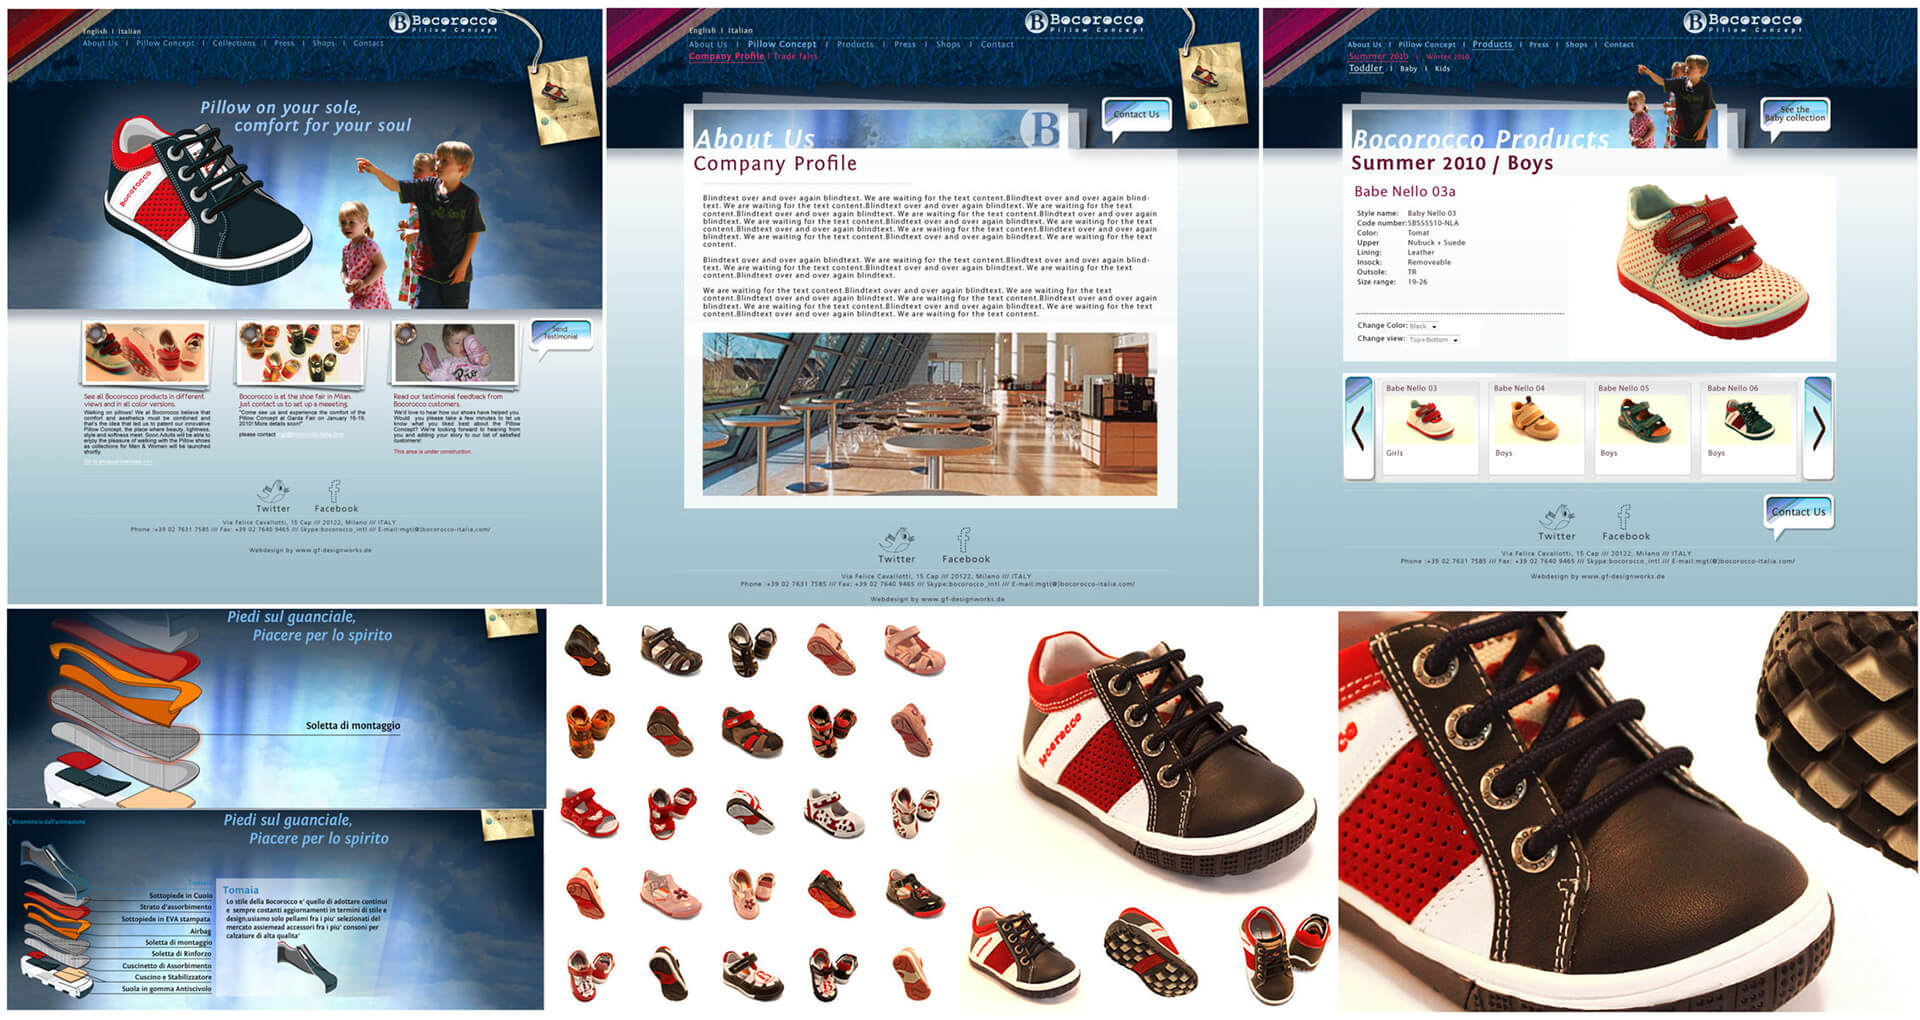 webdesign responsive seo sem online marketing wordpress html5 css newsletter banner 13